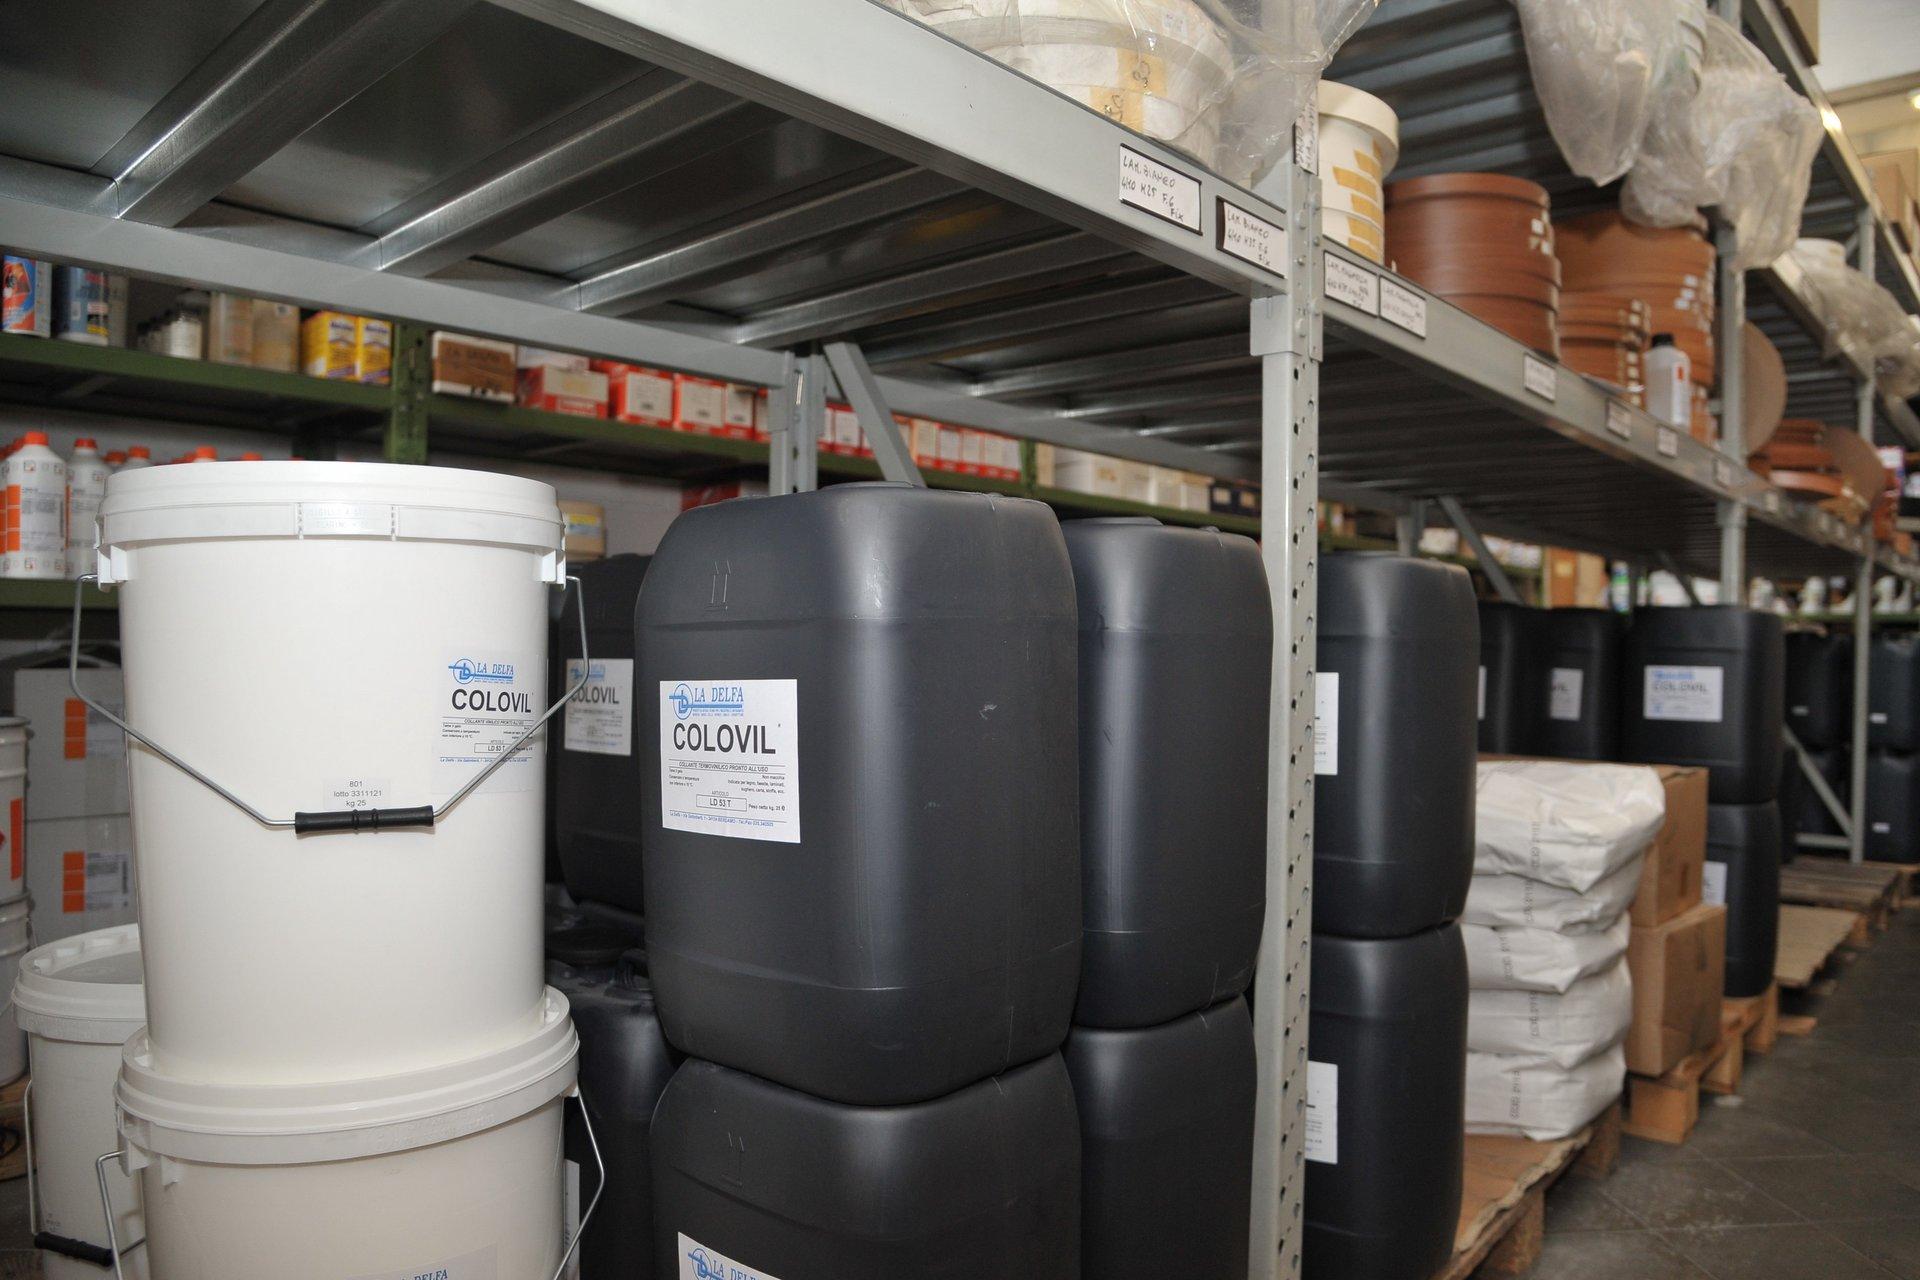 magazzino rifornito di materiale chimico e coloranti